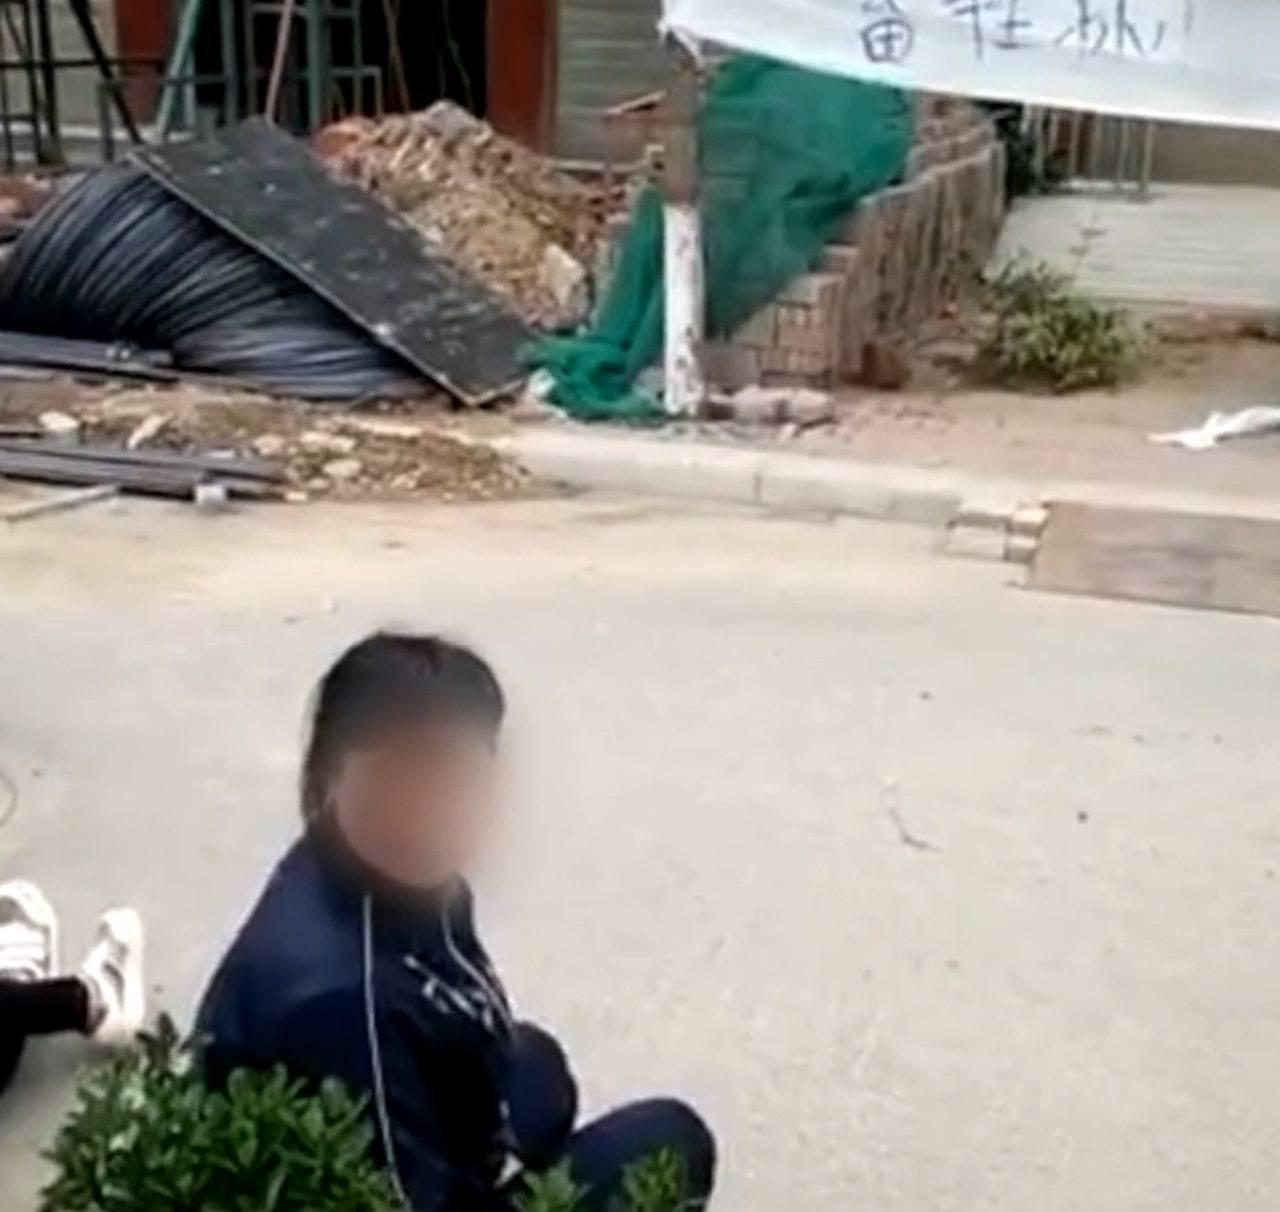 家長控訴幼稚園園長強姦女童。圖/香港01提供